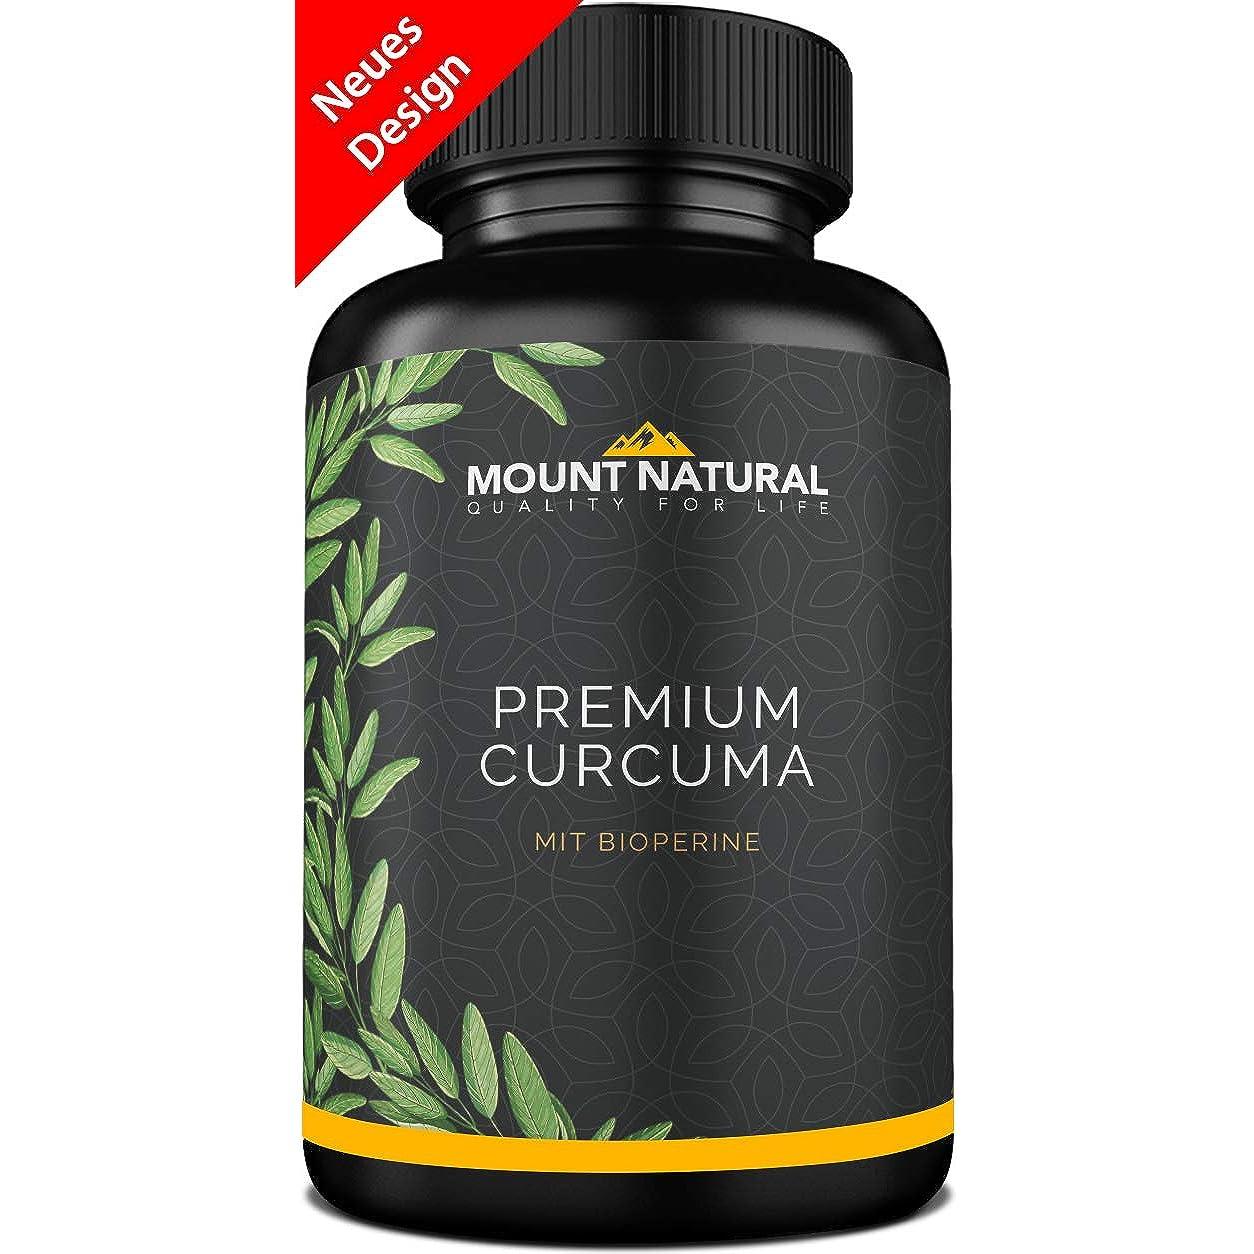 Mount Natural Premium Curcuma